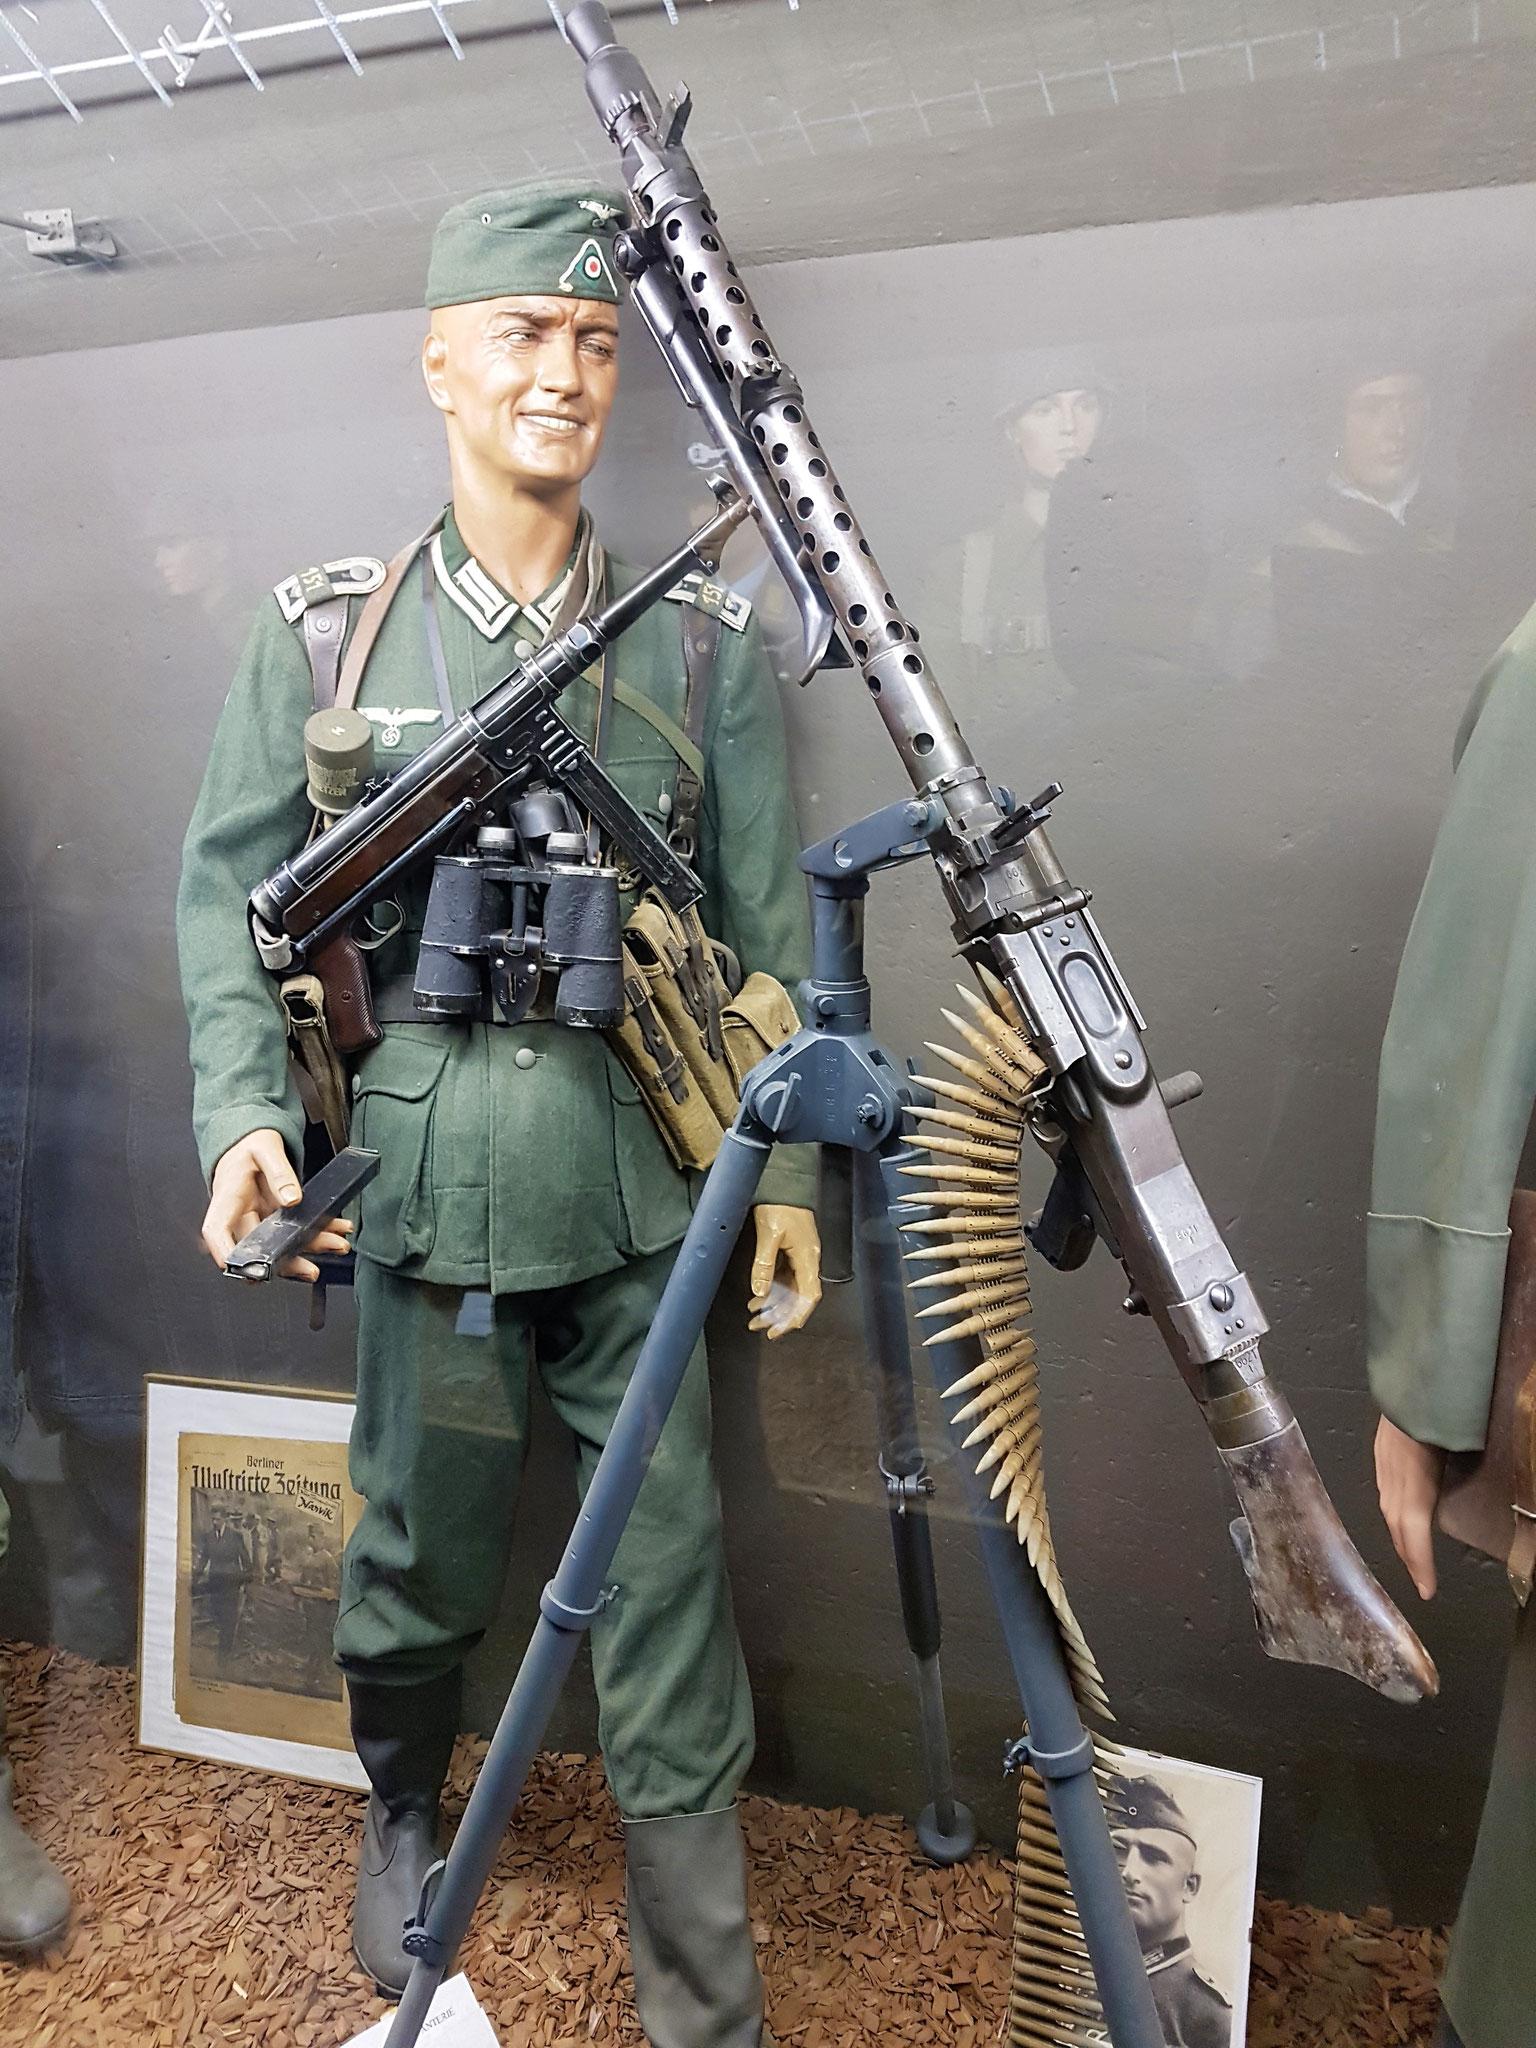 en wapens geven een goede indruk.